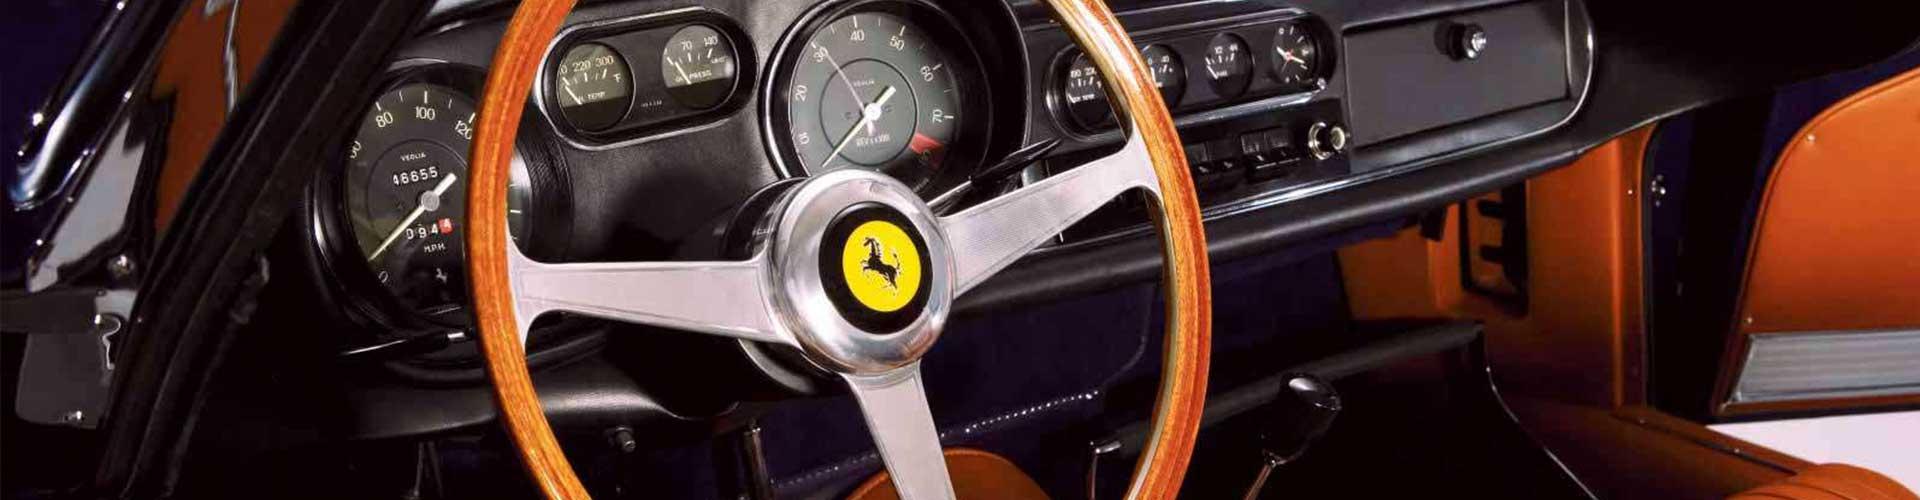 Classic Ferrari Parts Ferrari Parts Tools And Literature